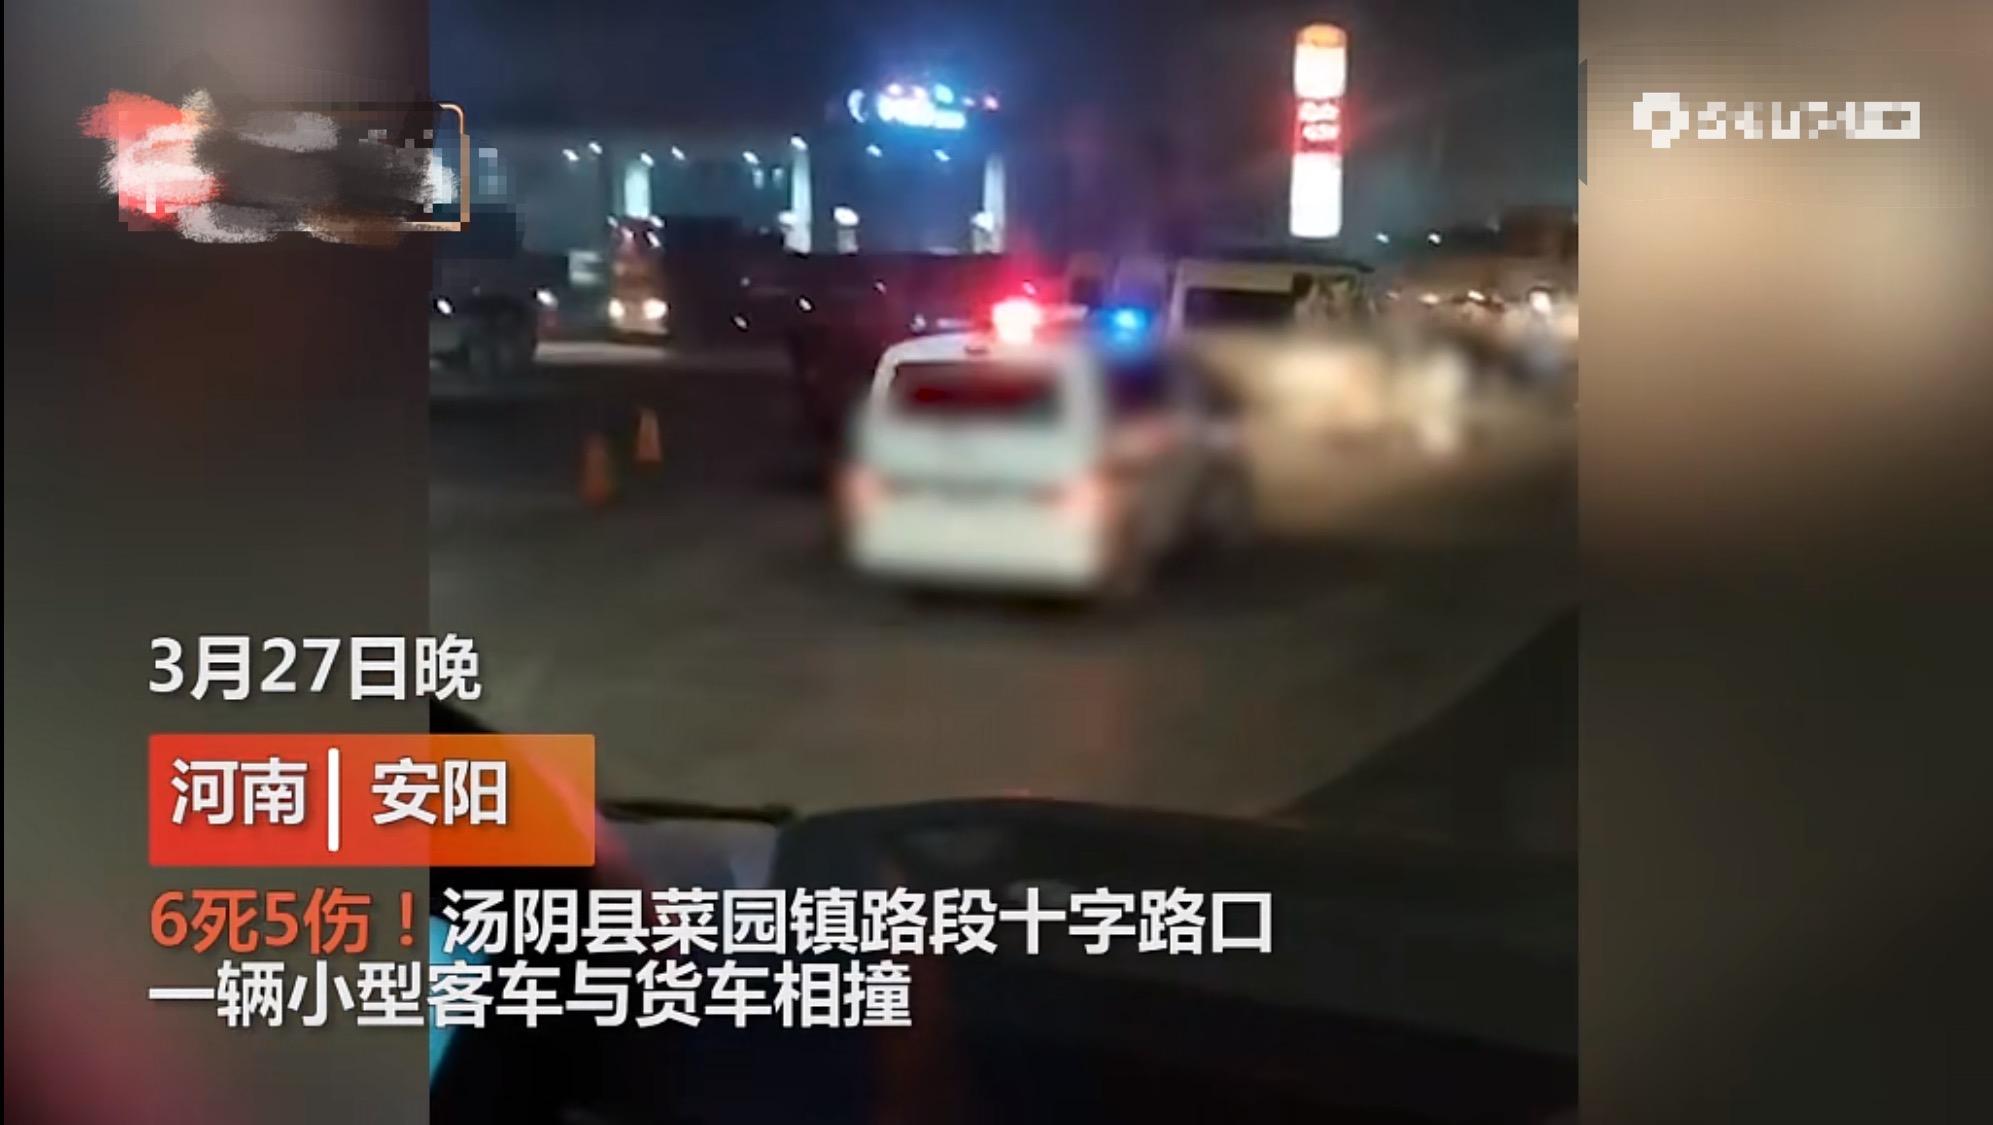 河南一客车严重超员,深夜闯红灯追尾货车致6死6伤,惨烈现场曝光